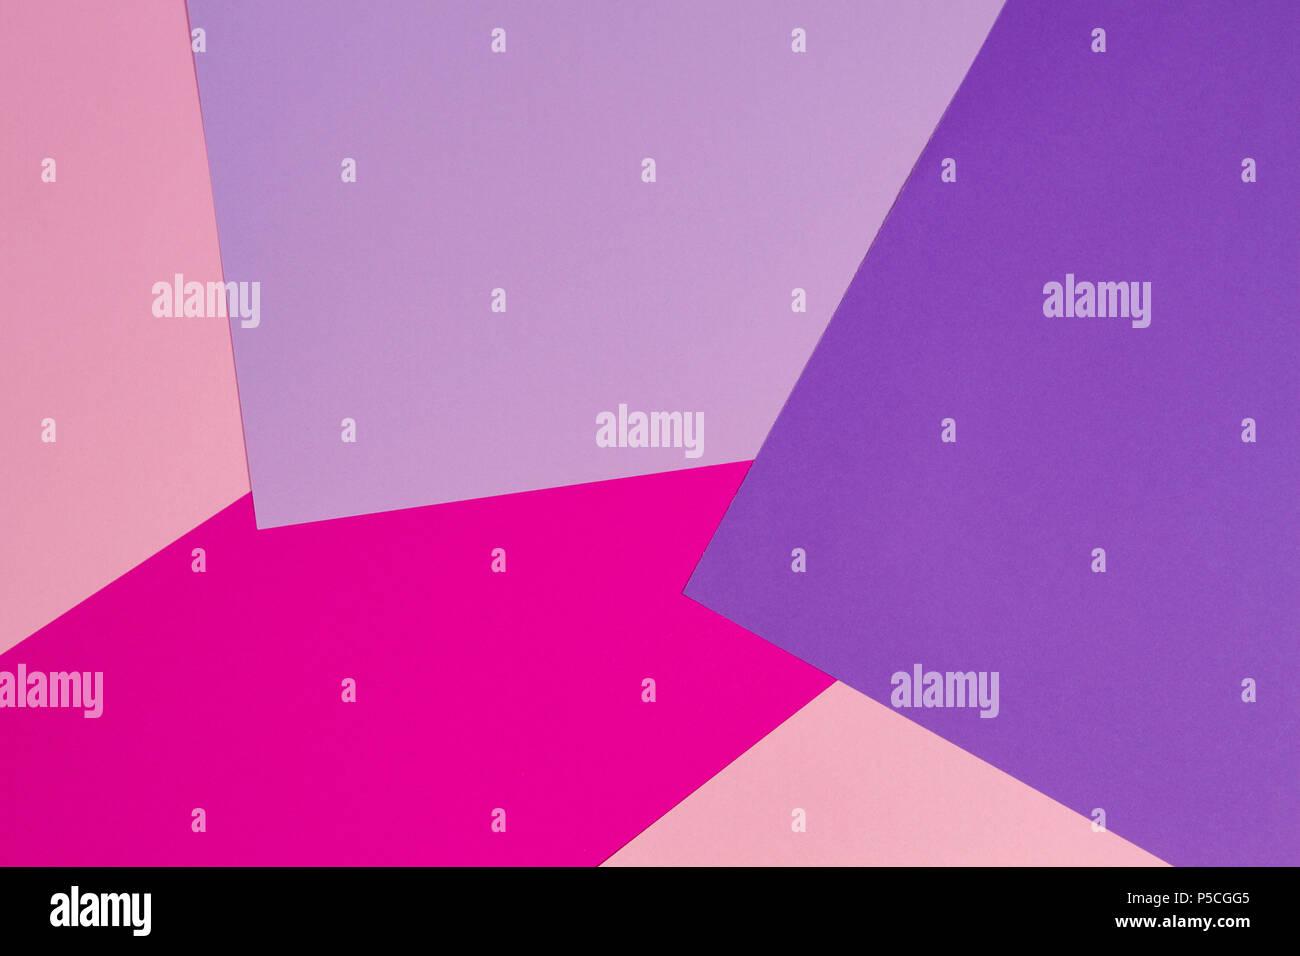 https www alamyimages fr documents couleur avec fond plat geometrie composition violet violet rose rose image209874117 html